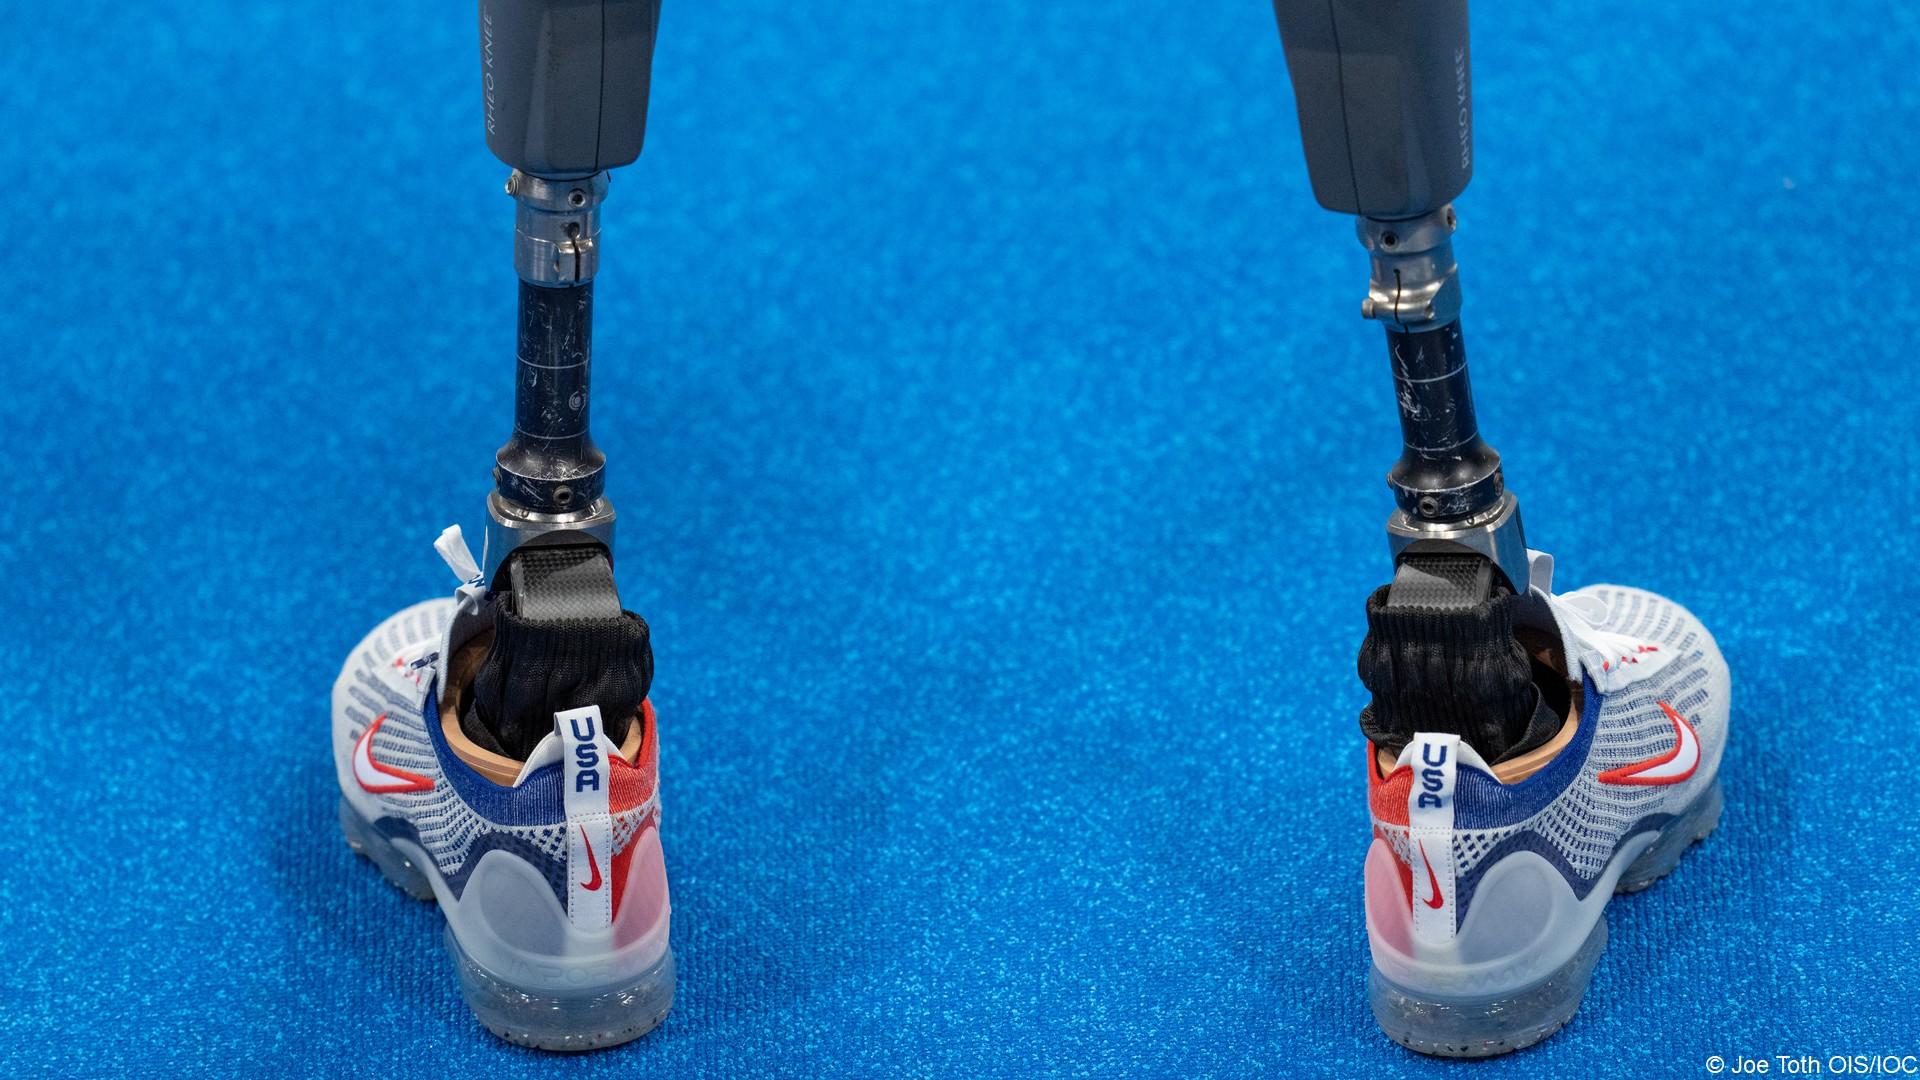 Handisport Paralympiques